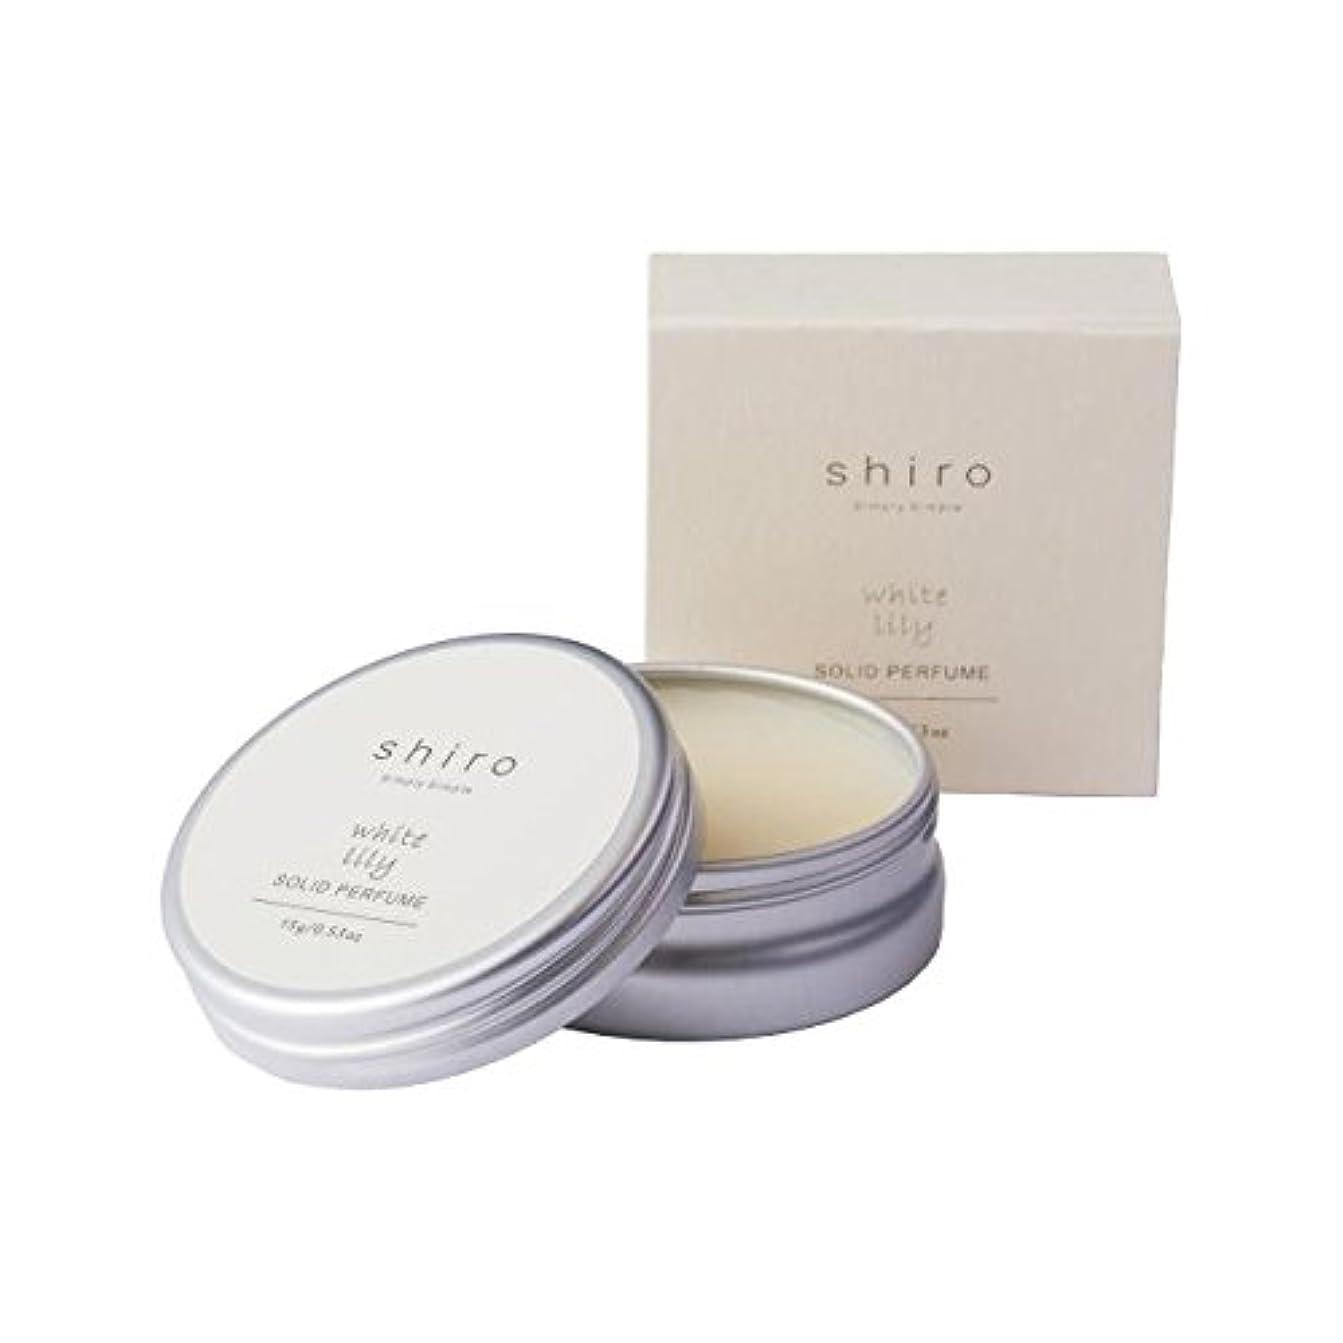 アレルギー性定期的属するshiro ホワイトリリー シャンプーのような香り すっきりと清潔感 練り香水 シロ 固形タイプ フレグランス 保湿成分 指先の保湿ケア